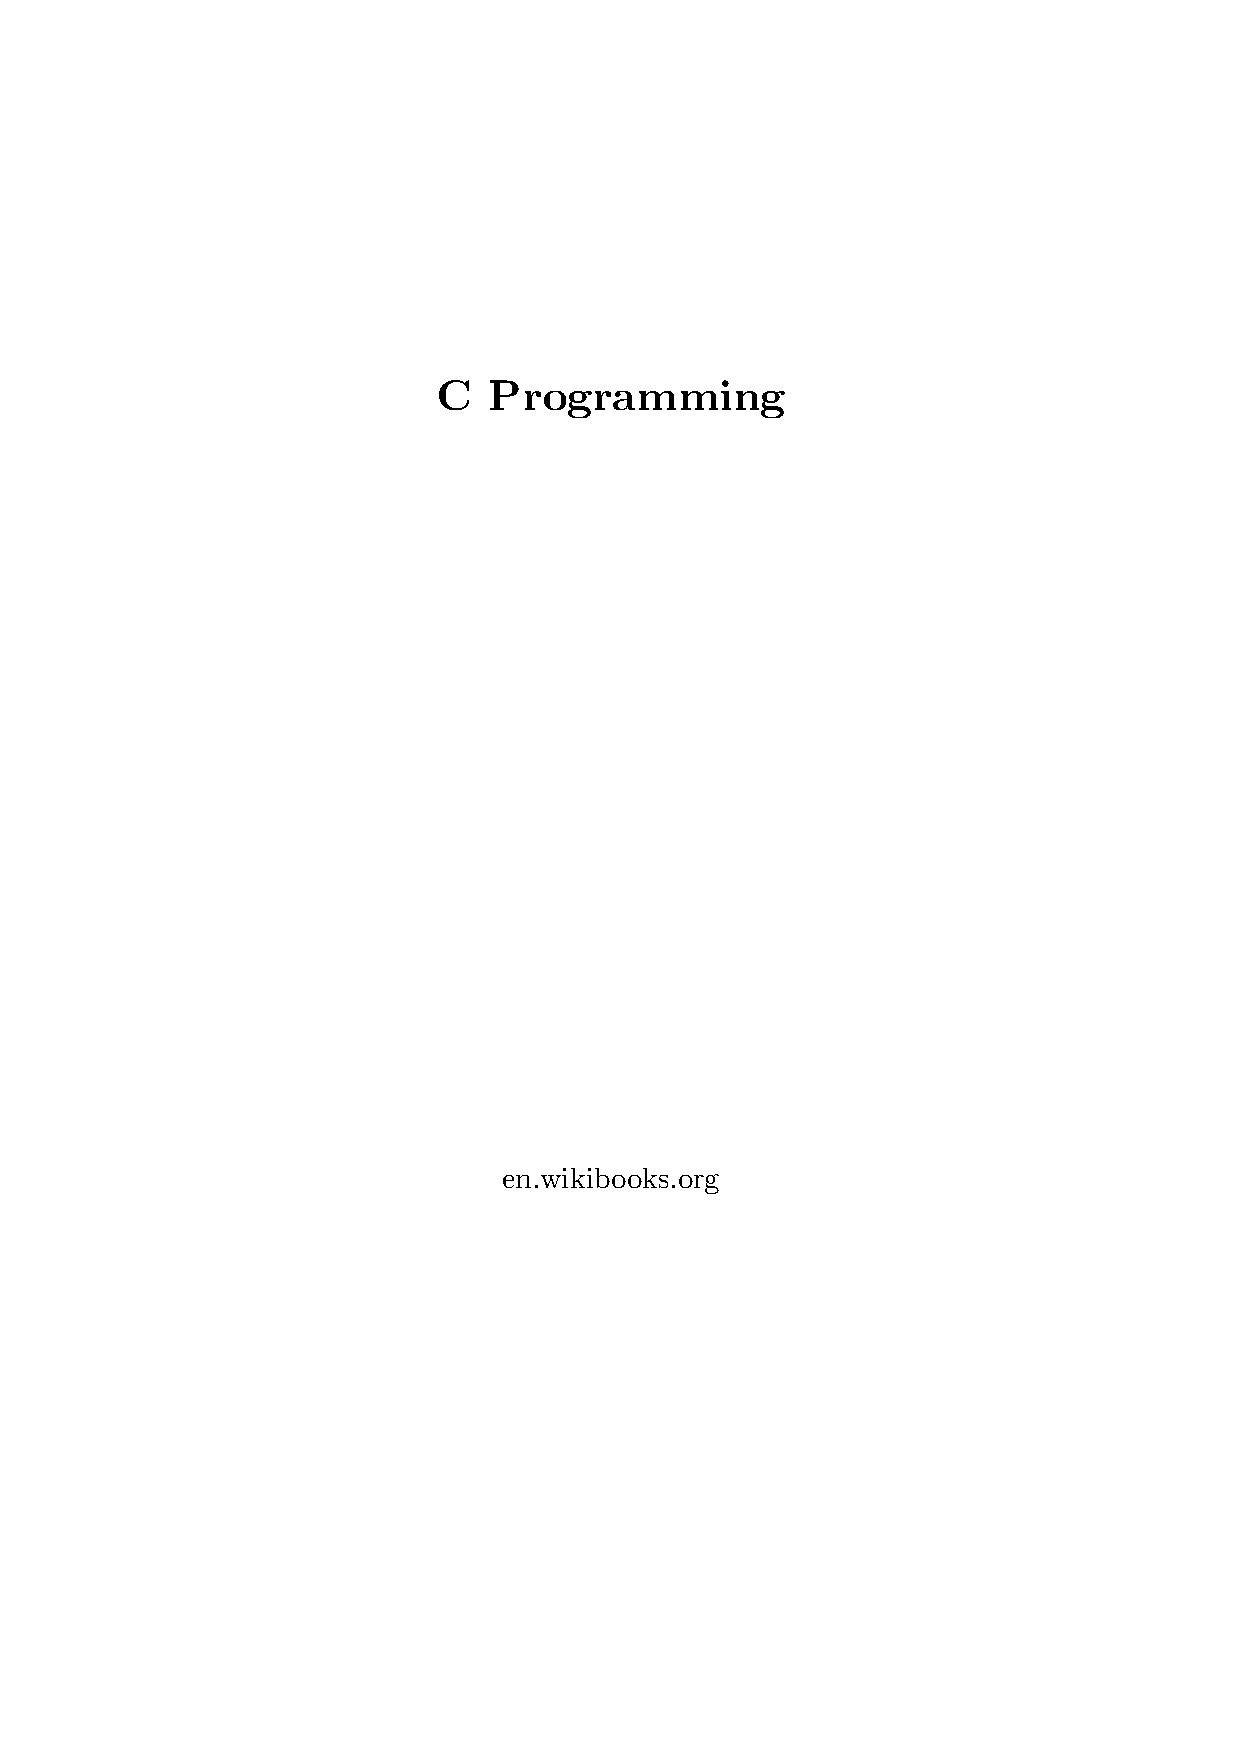 gtk+ programming in c pdf